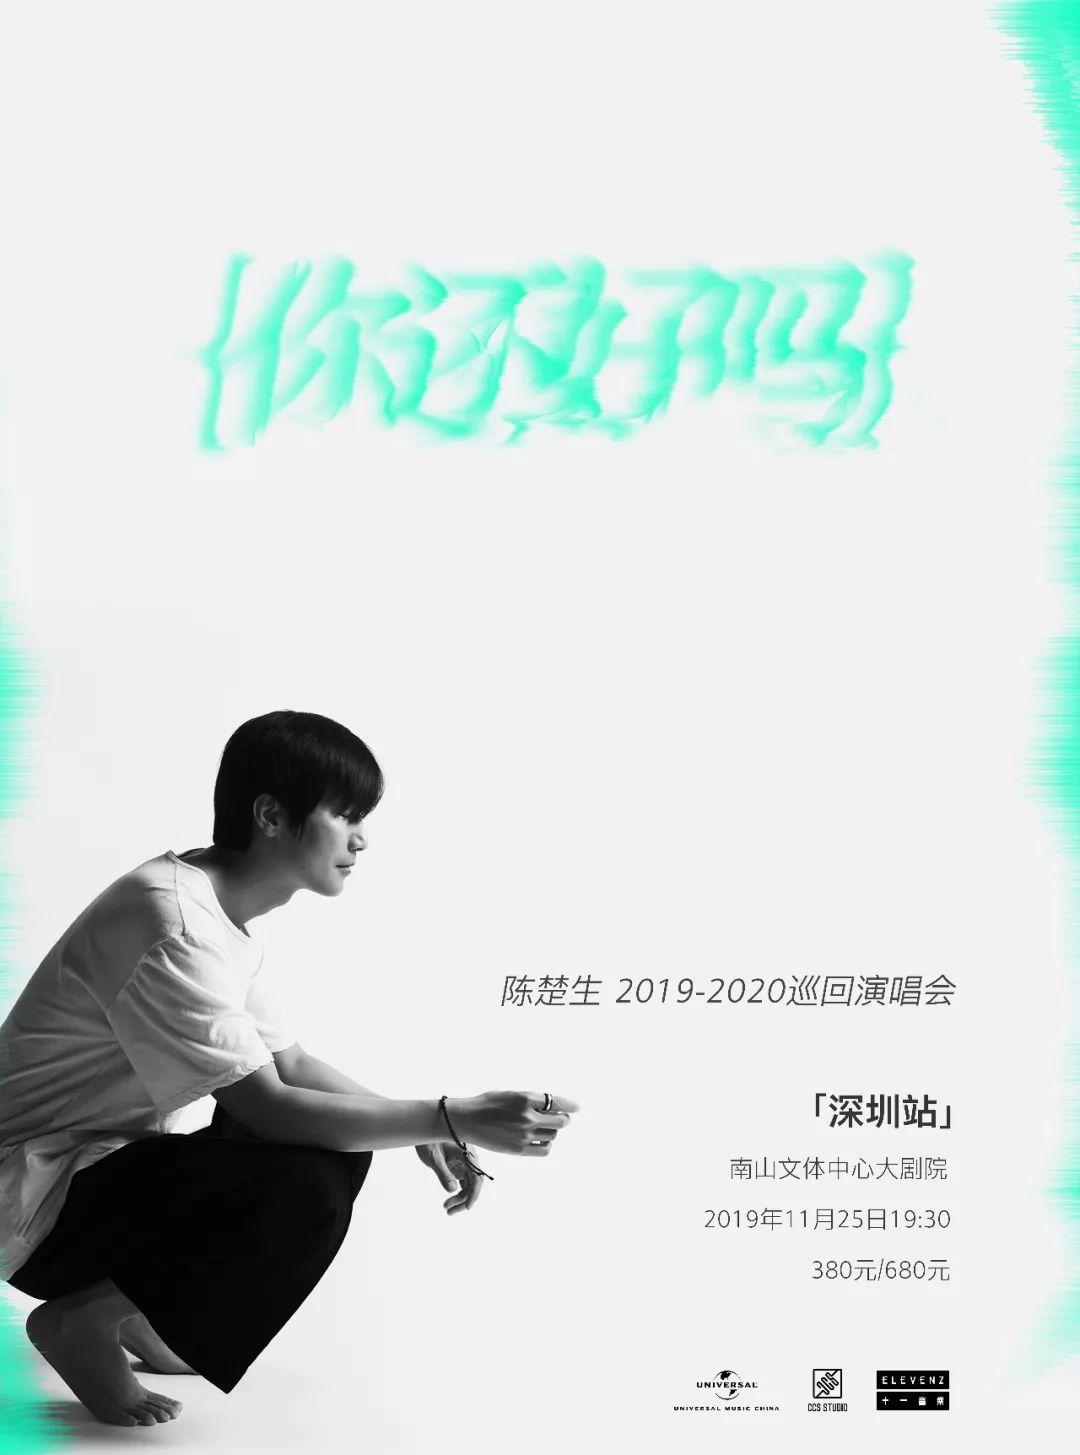 陳楚生「你還好嗎」巡演   深圳站突然開票啦!